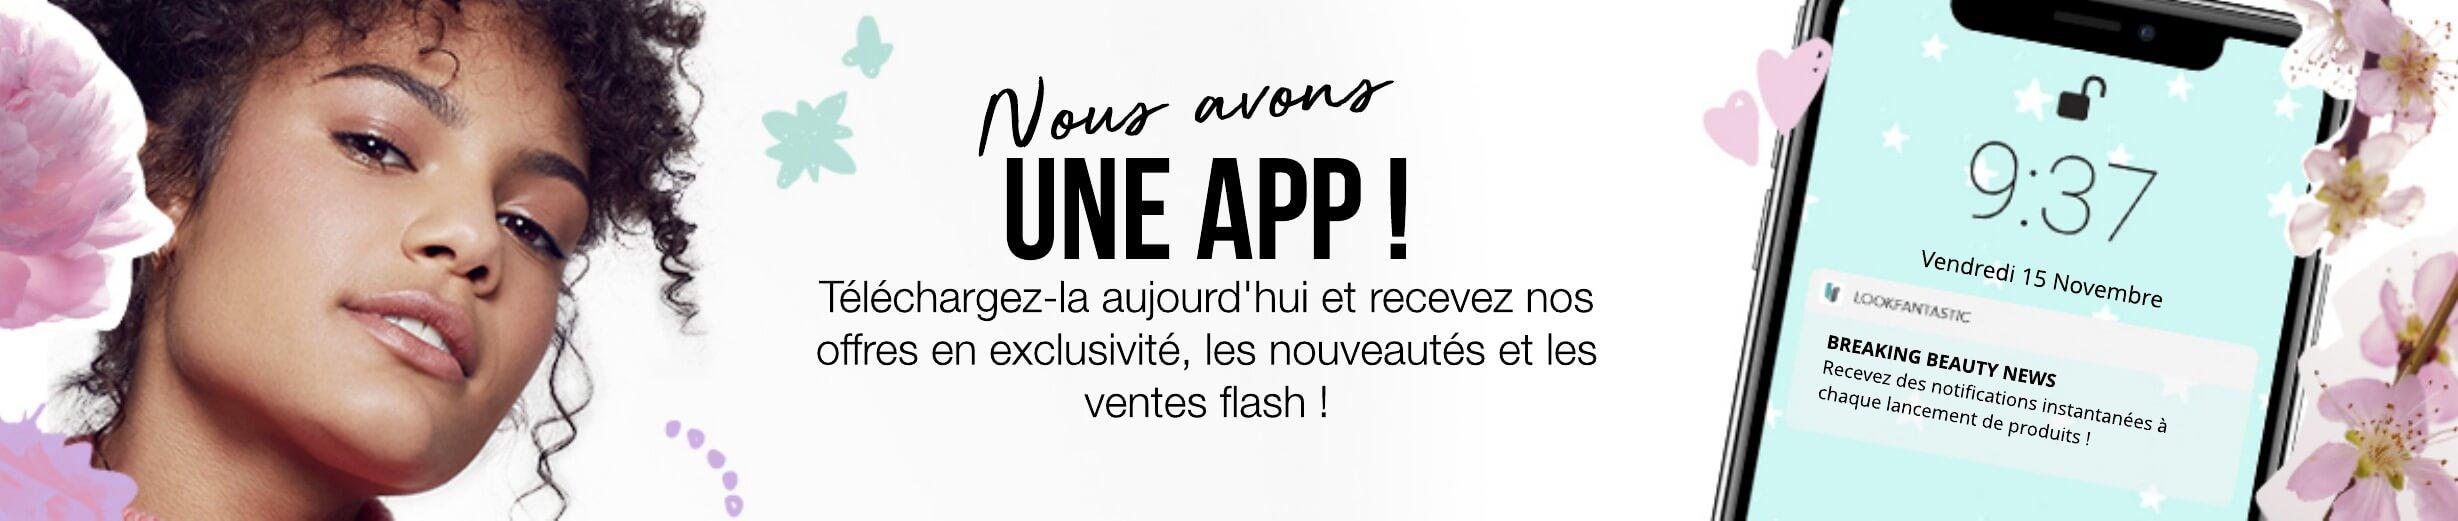 Nous avons une app !